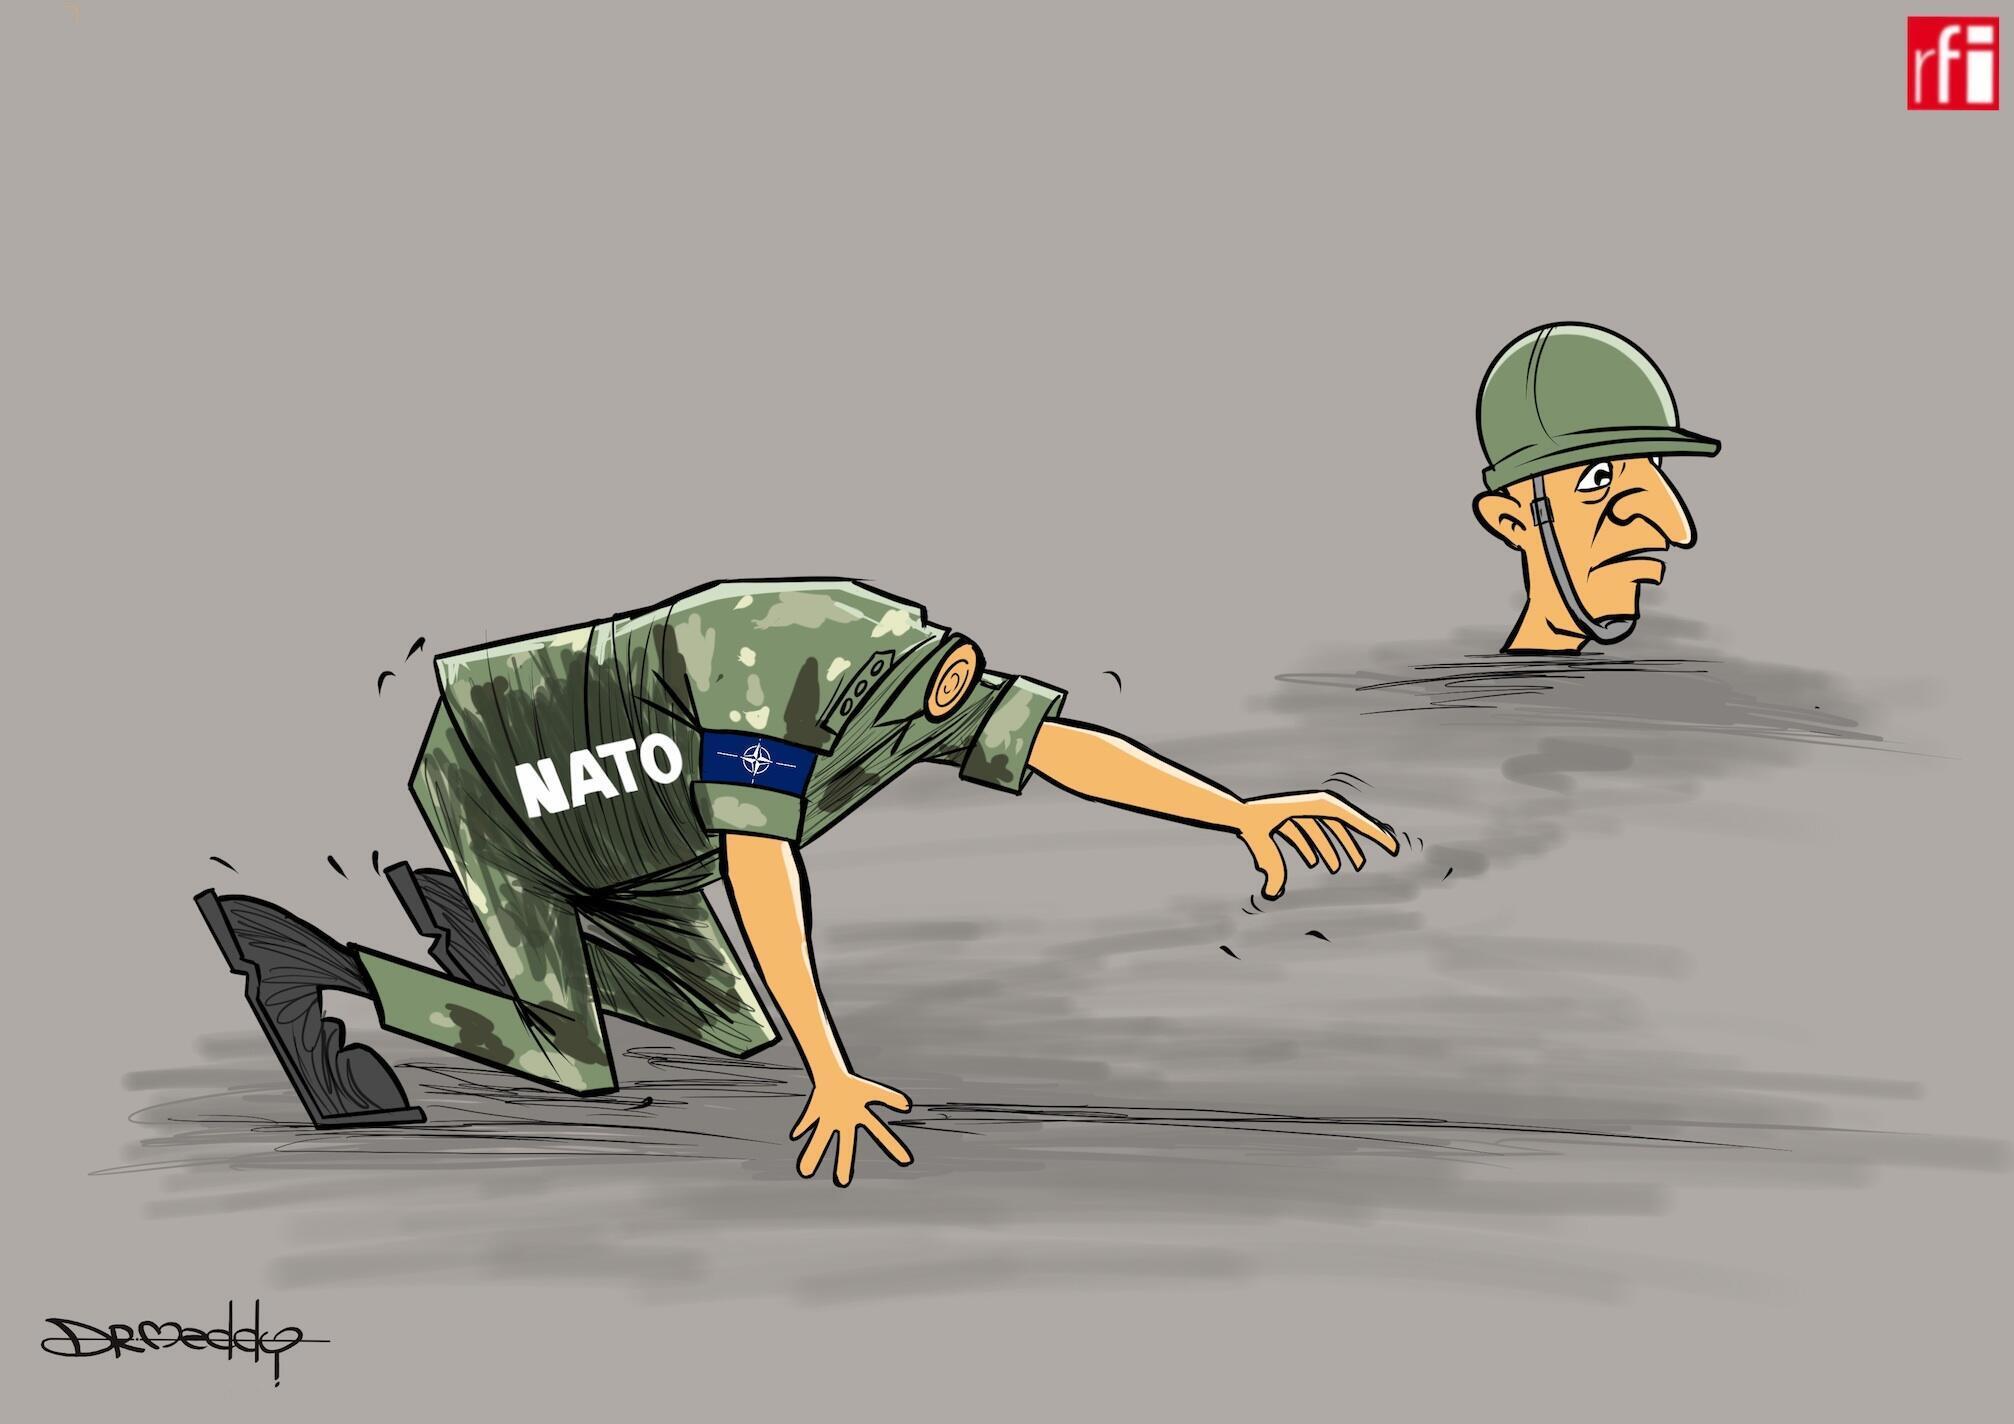 Viongozi wa Jumuiya ya Kujihami ya Nchi za Magharibi (NATO) watofautiana  wakati jumuiya hiyo inahitaji kufanyiwa marekebisho, Desemba 5, 2019.